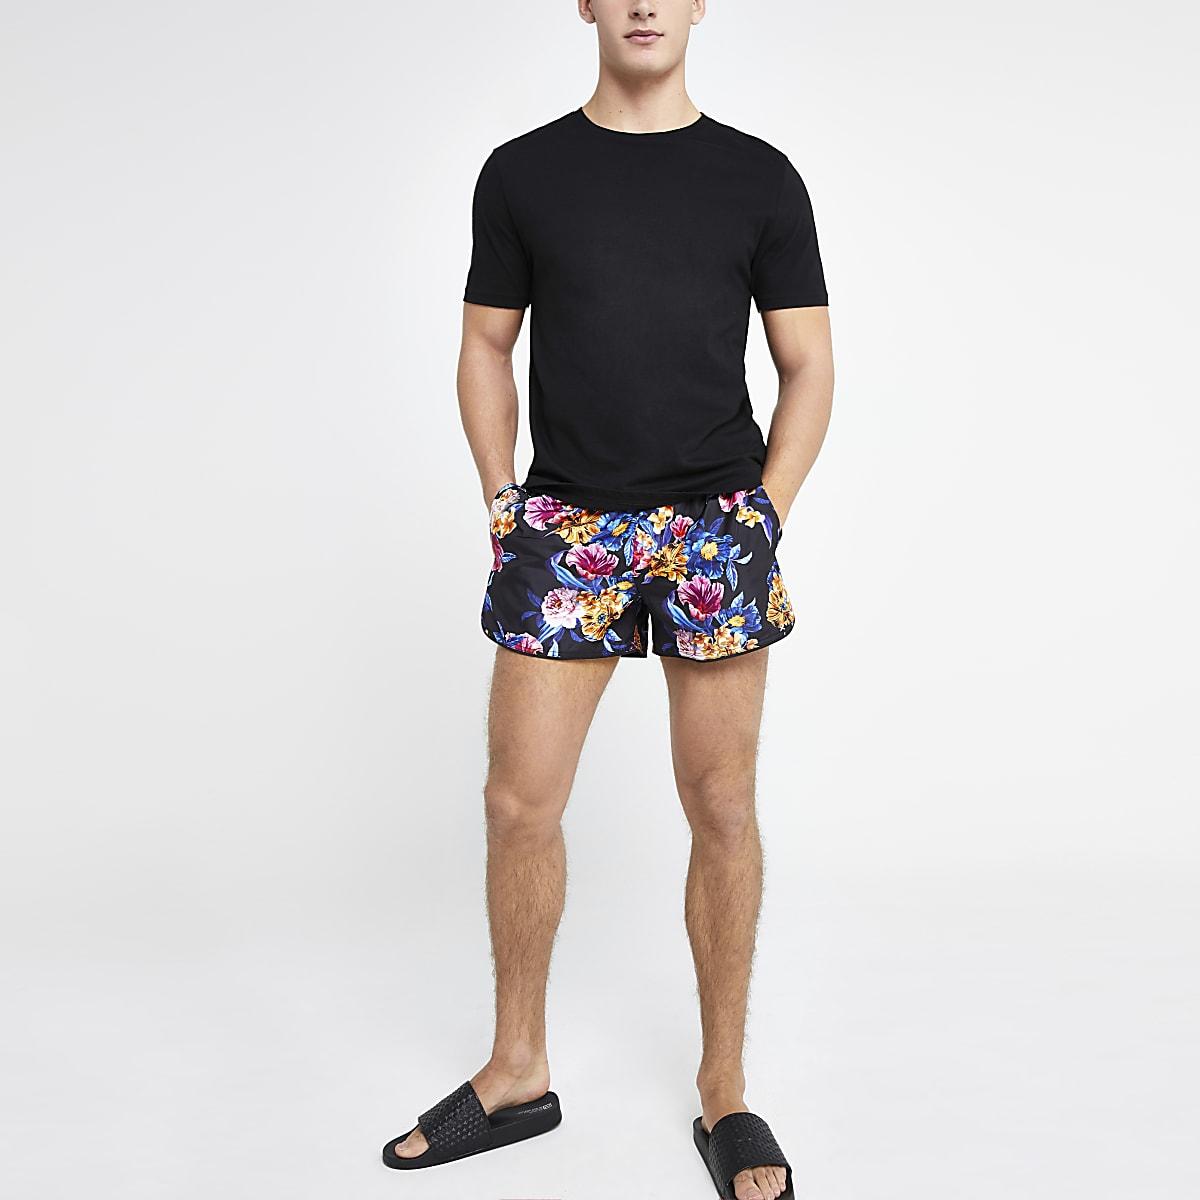 Black floral runner swim trunks